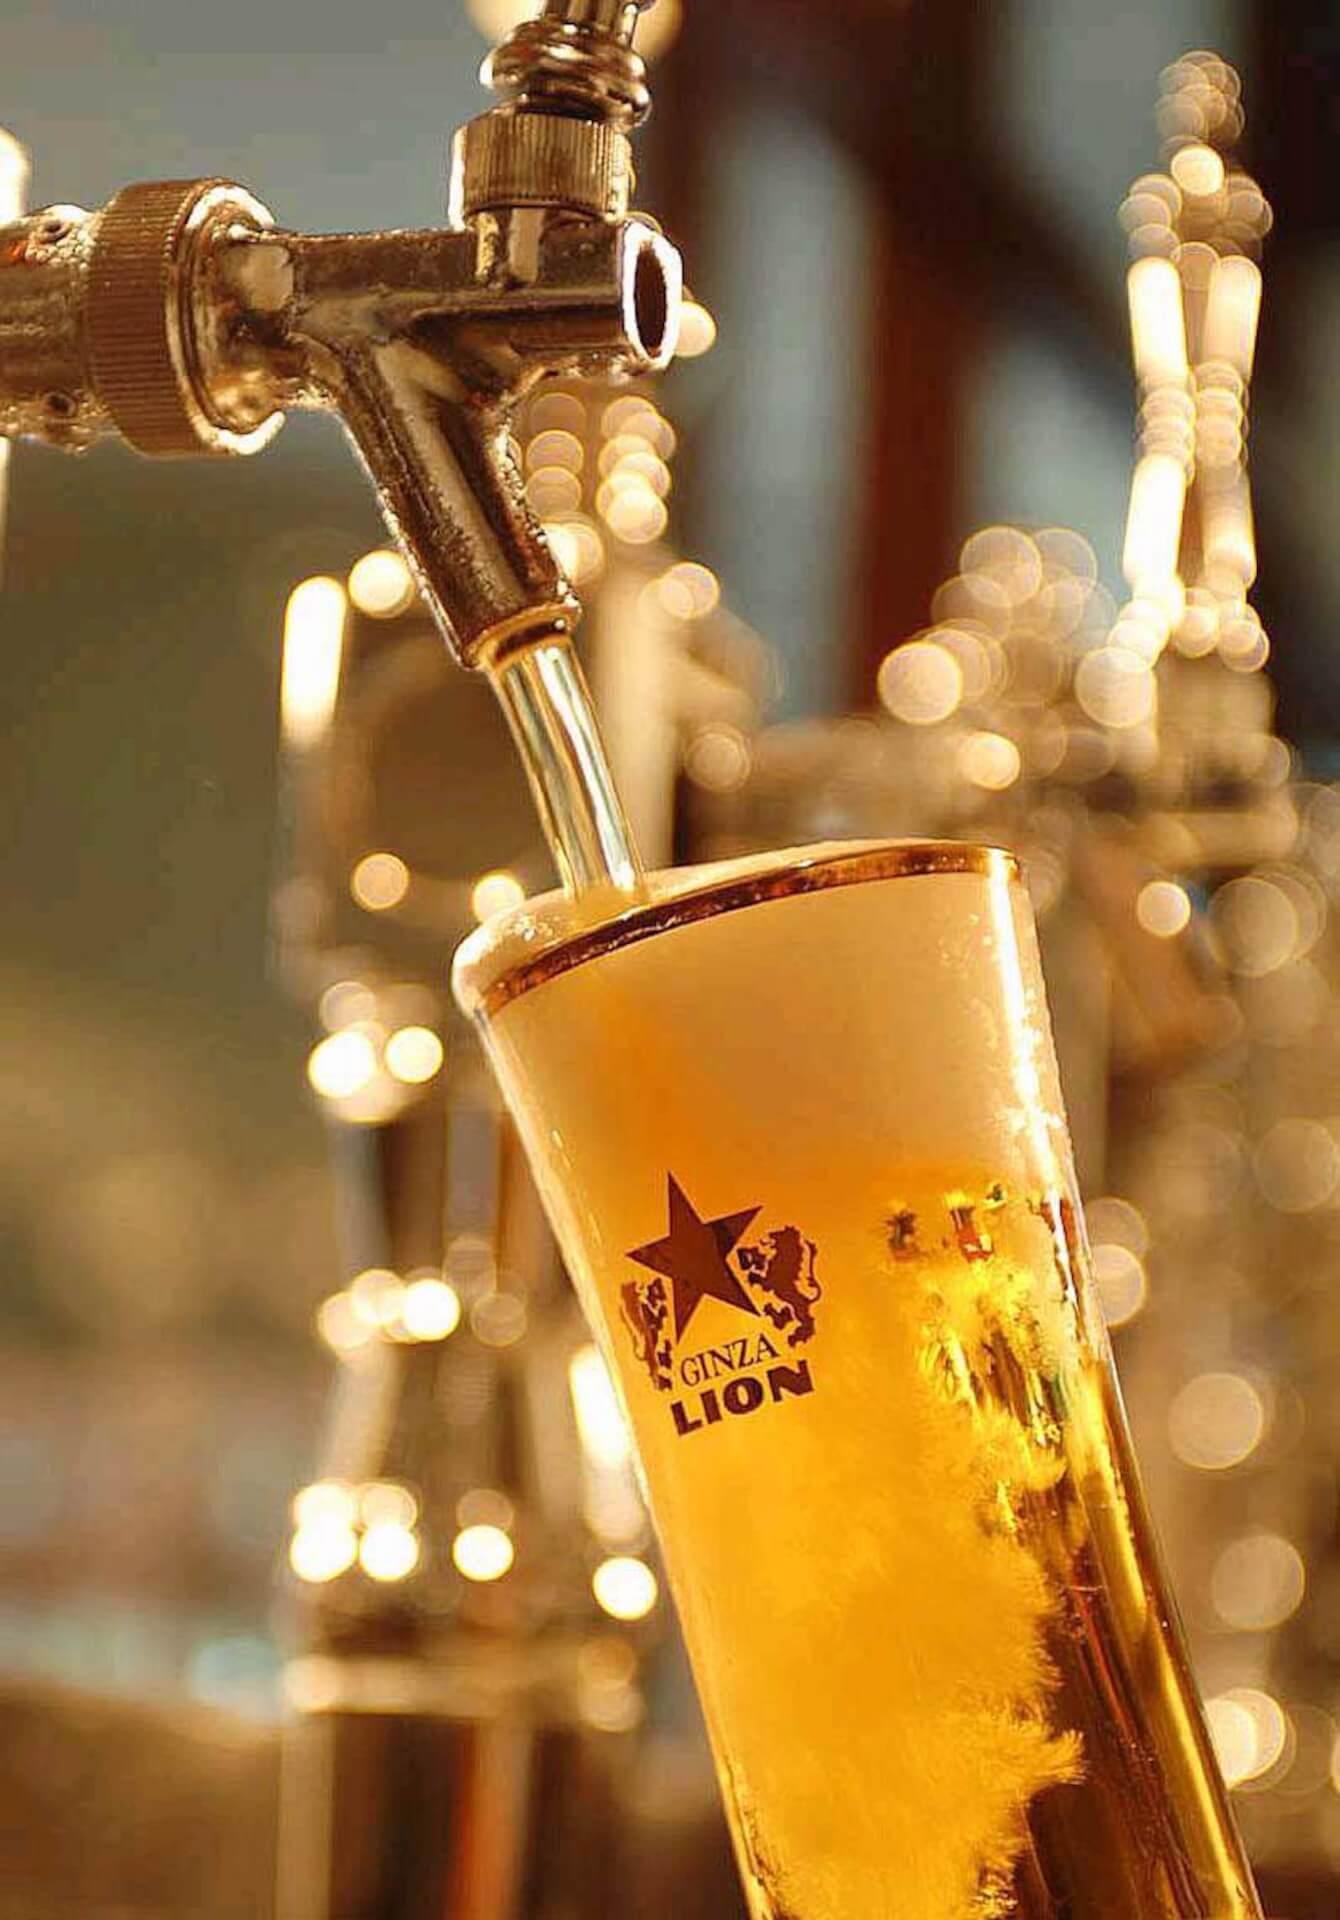 こだわりの一度注ぎ生ビールを堪能しよう!銀座ライオンとYEBISU BARで生ビールの飲み放題が期間限定で実施 gourmet200720_beer_ginza_yebisu_01